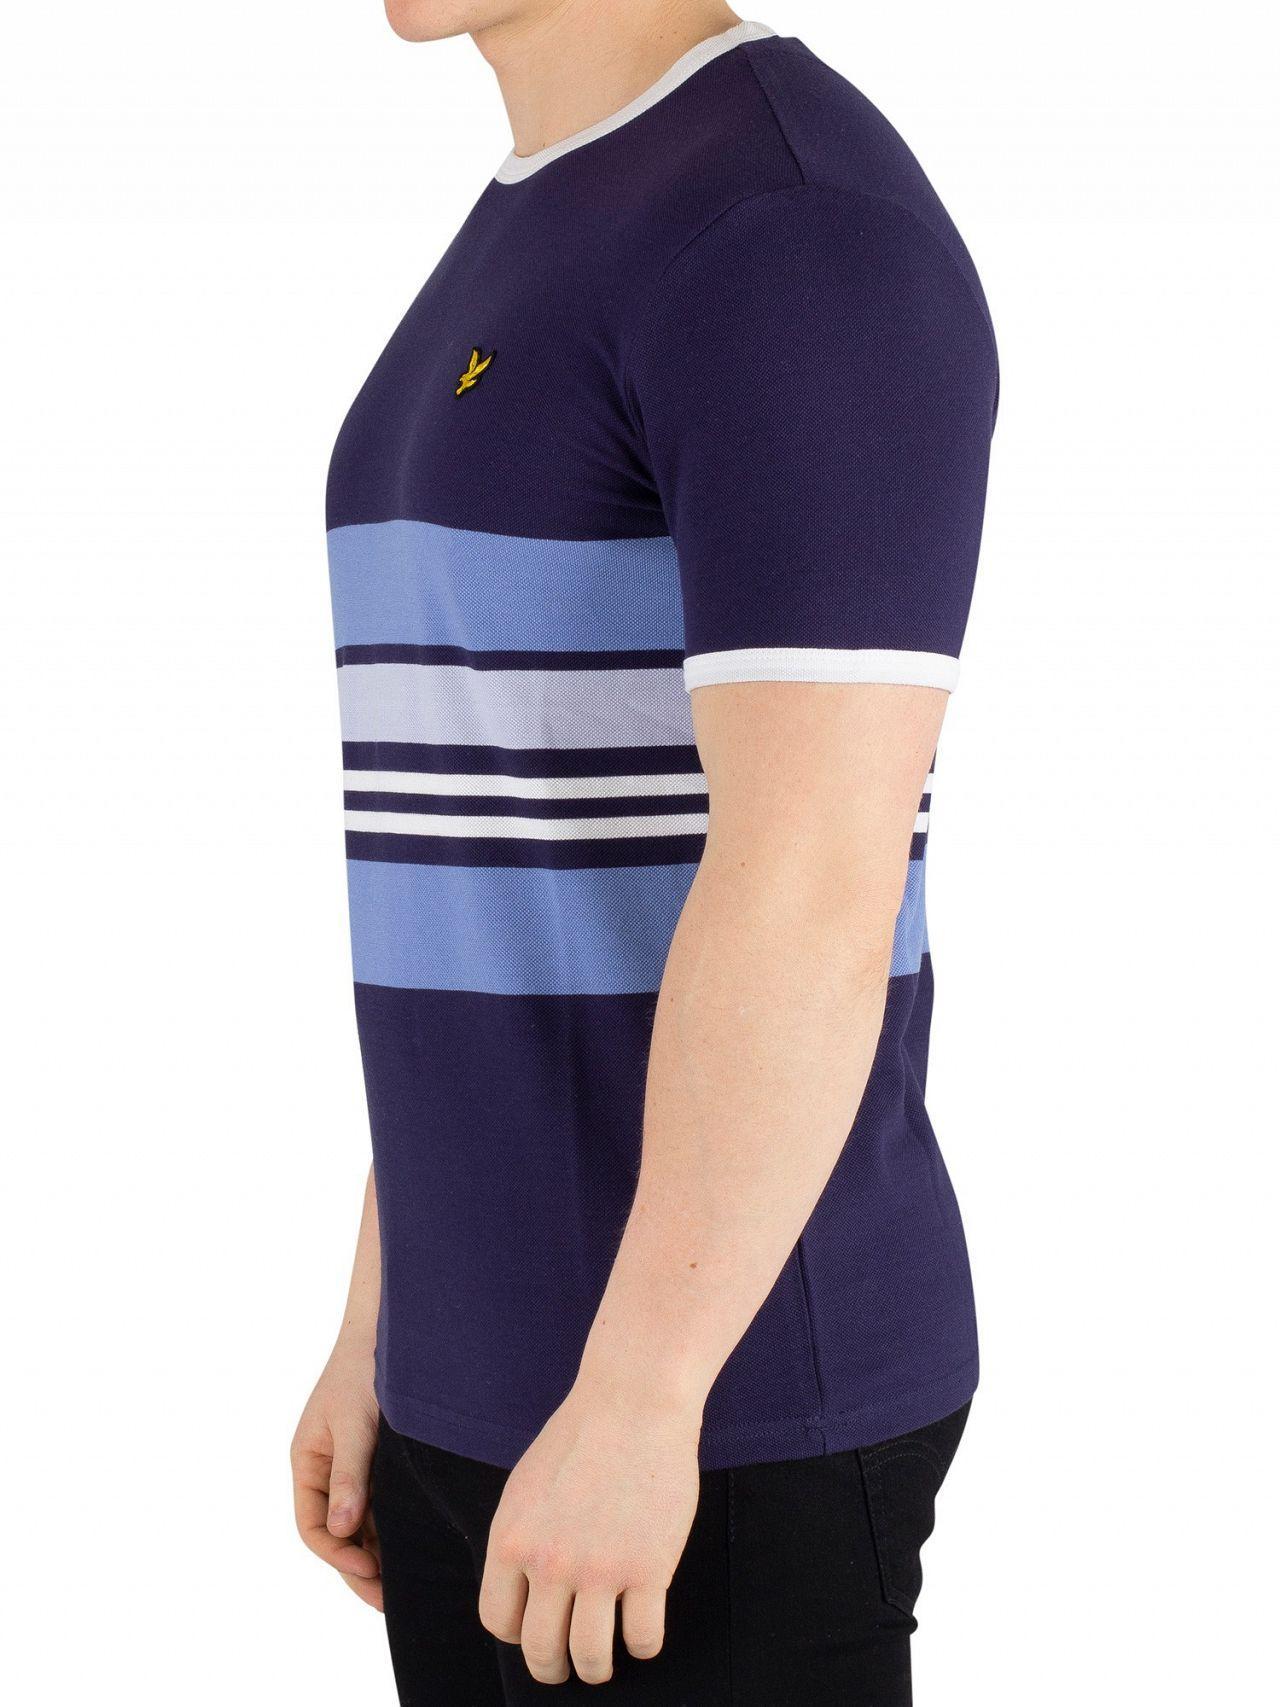 b90b3c499 Lyst - Lyle & Scott Navy Pique Stripe Ringer T-shirt in Blue for Men